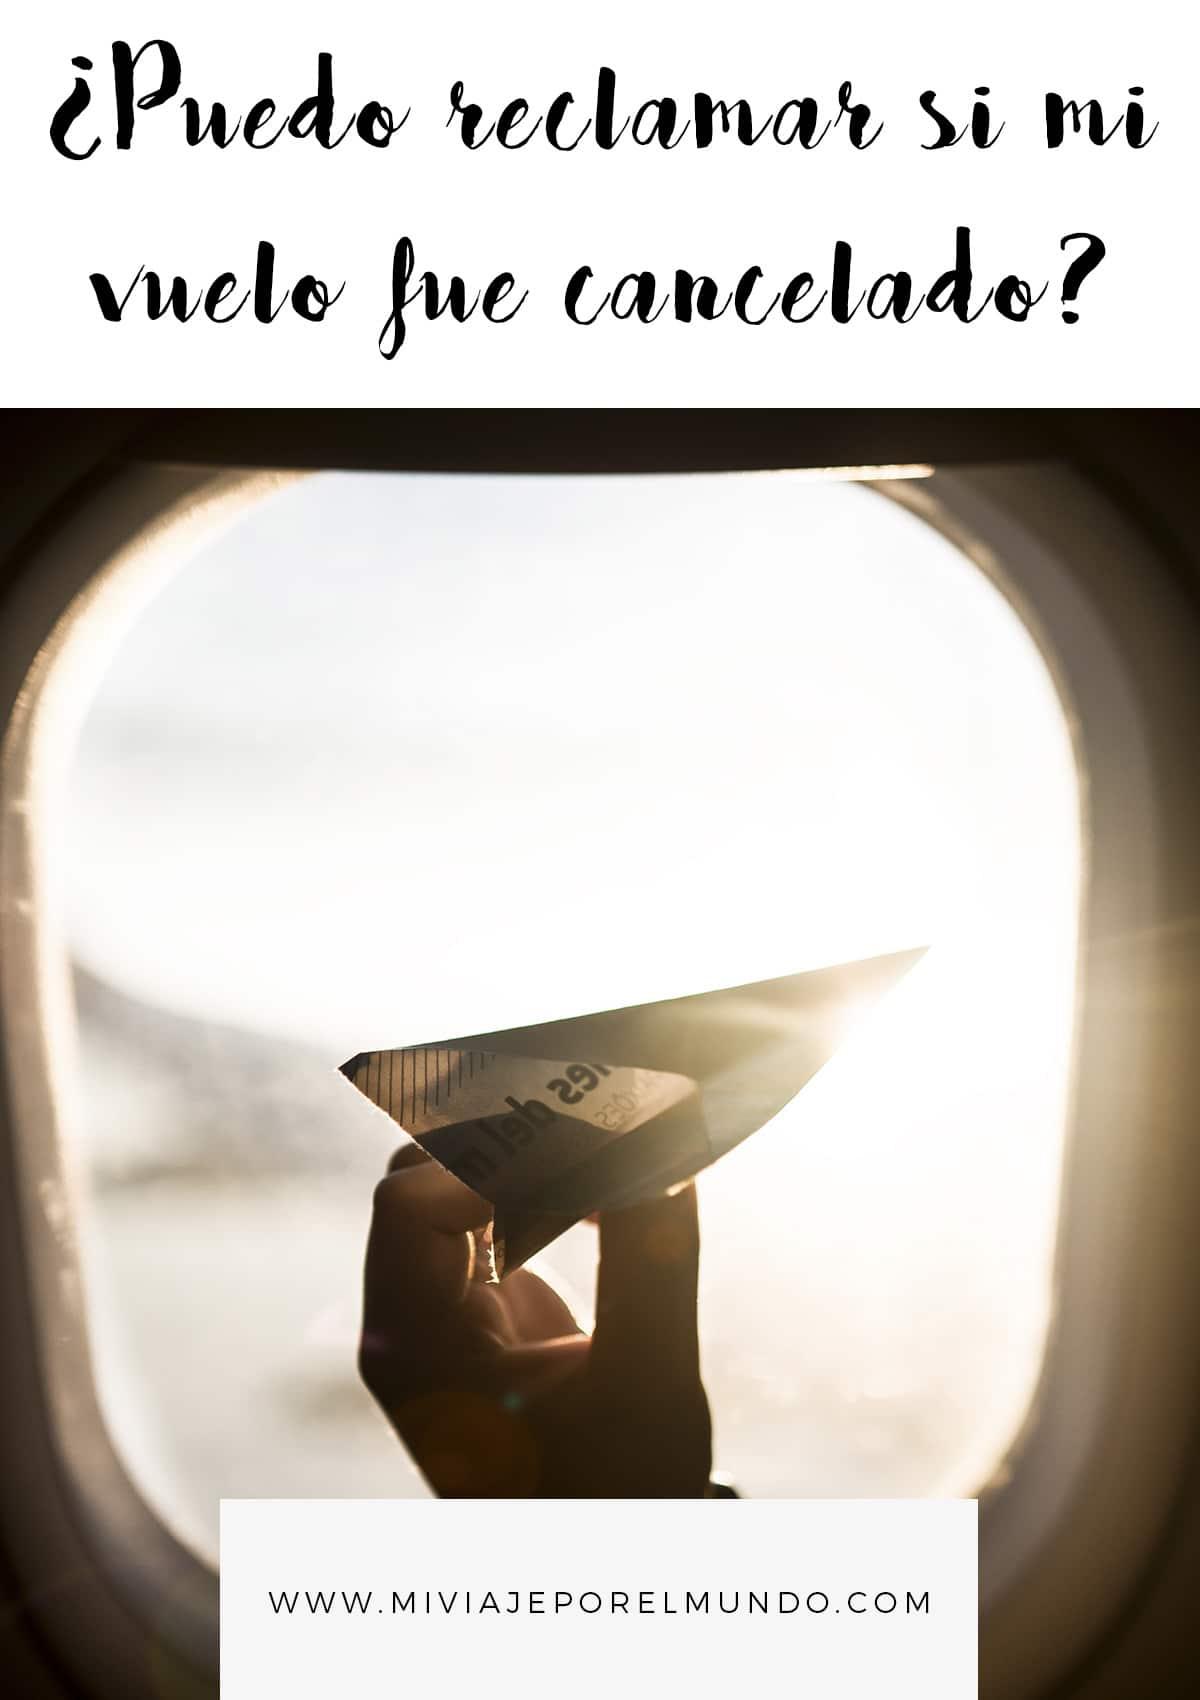 como reclamar un vuelo cancelado